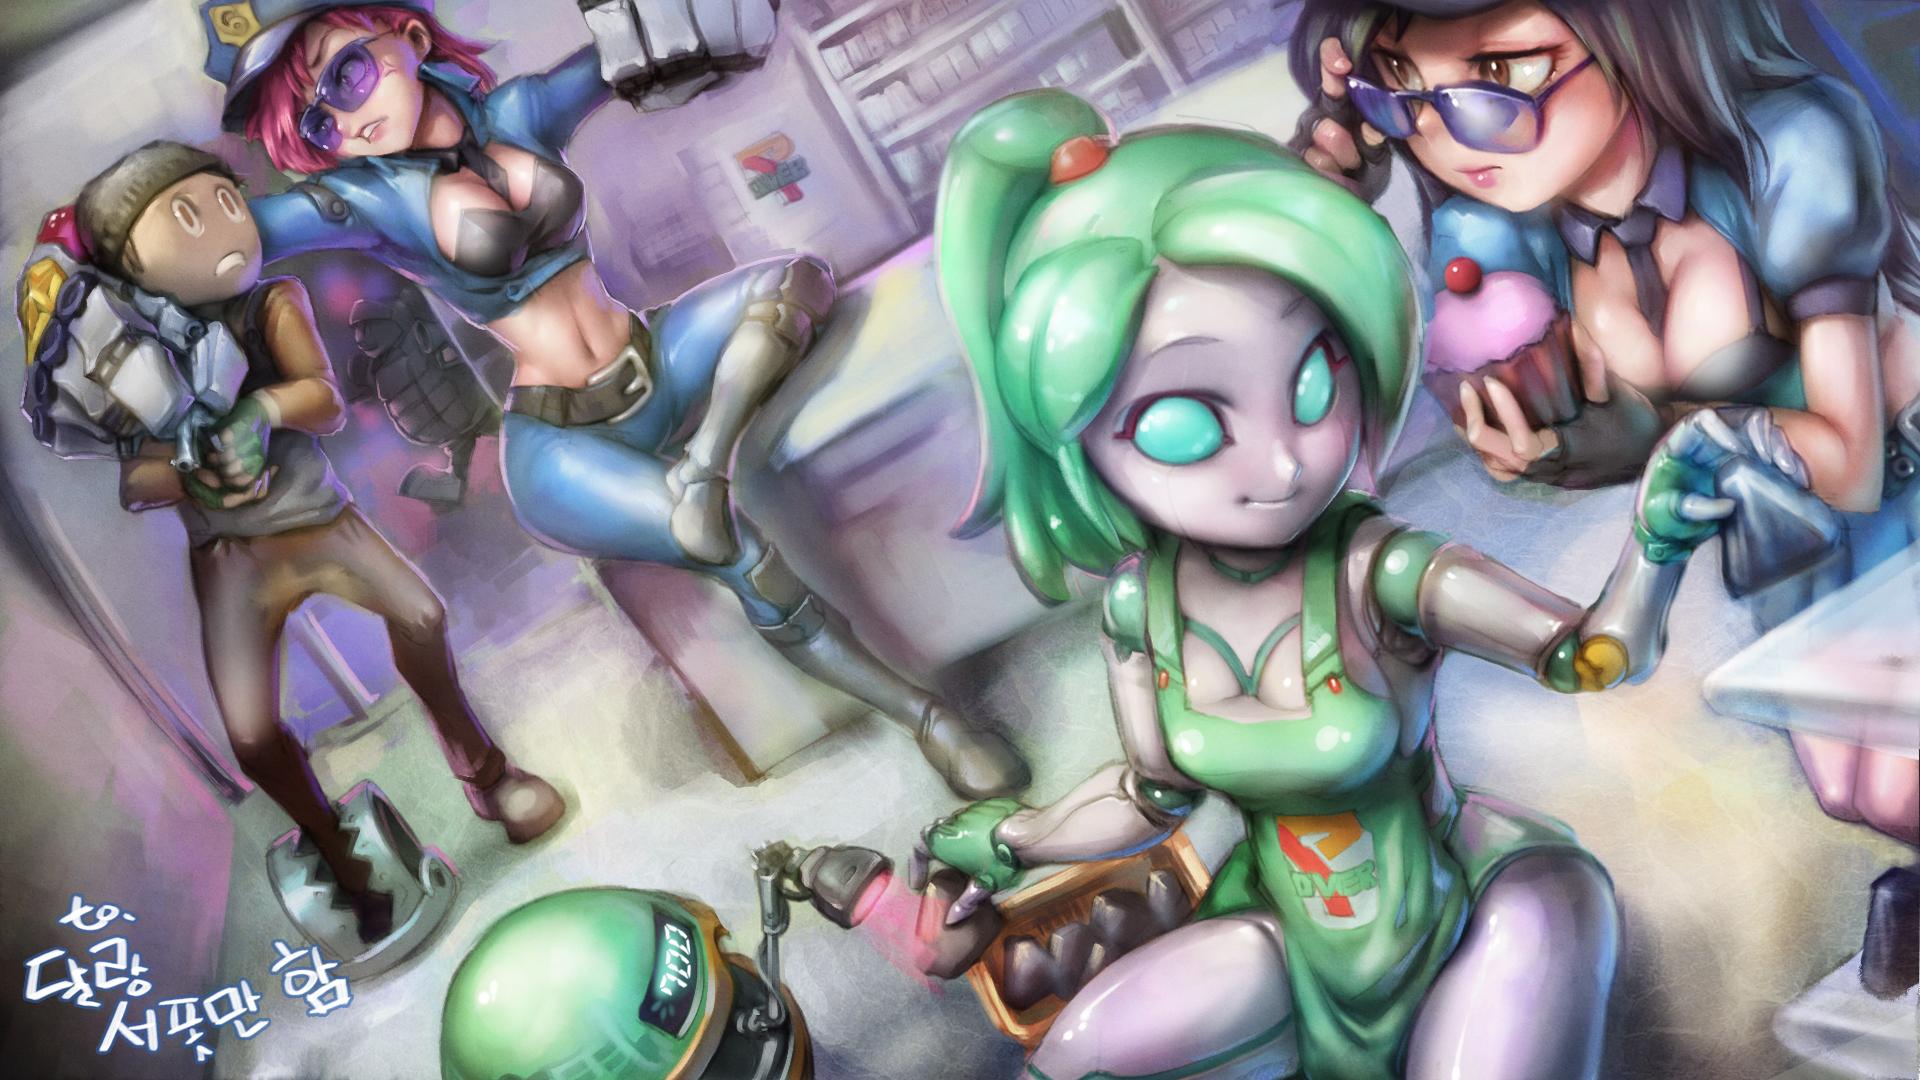 League Of Legends Wallpaper 1764861 Zerochan Anime Image Board